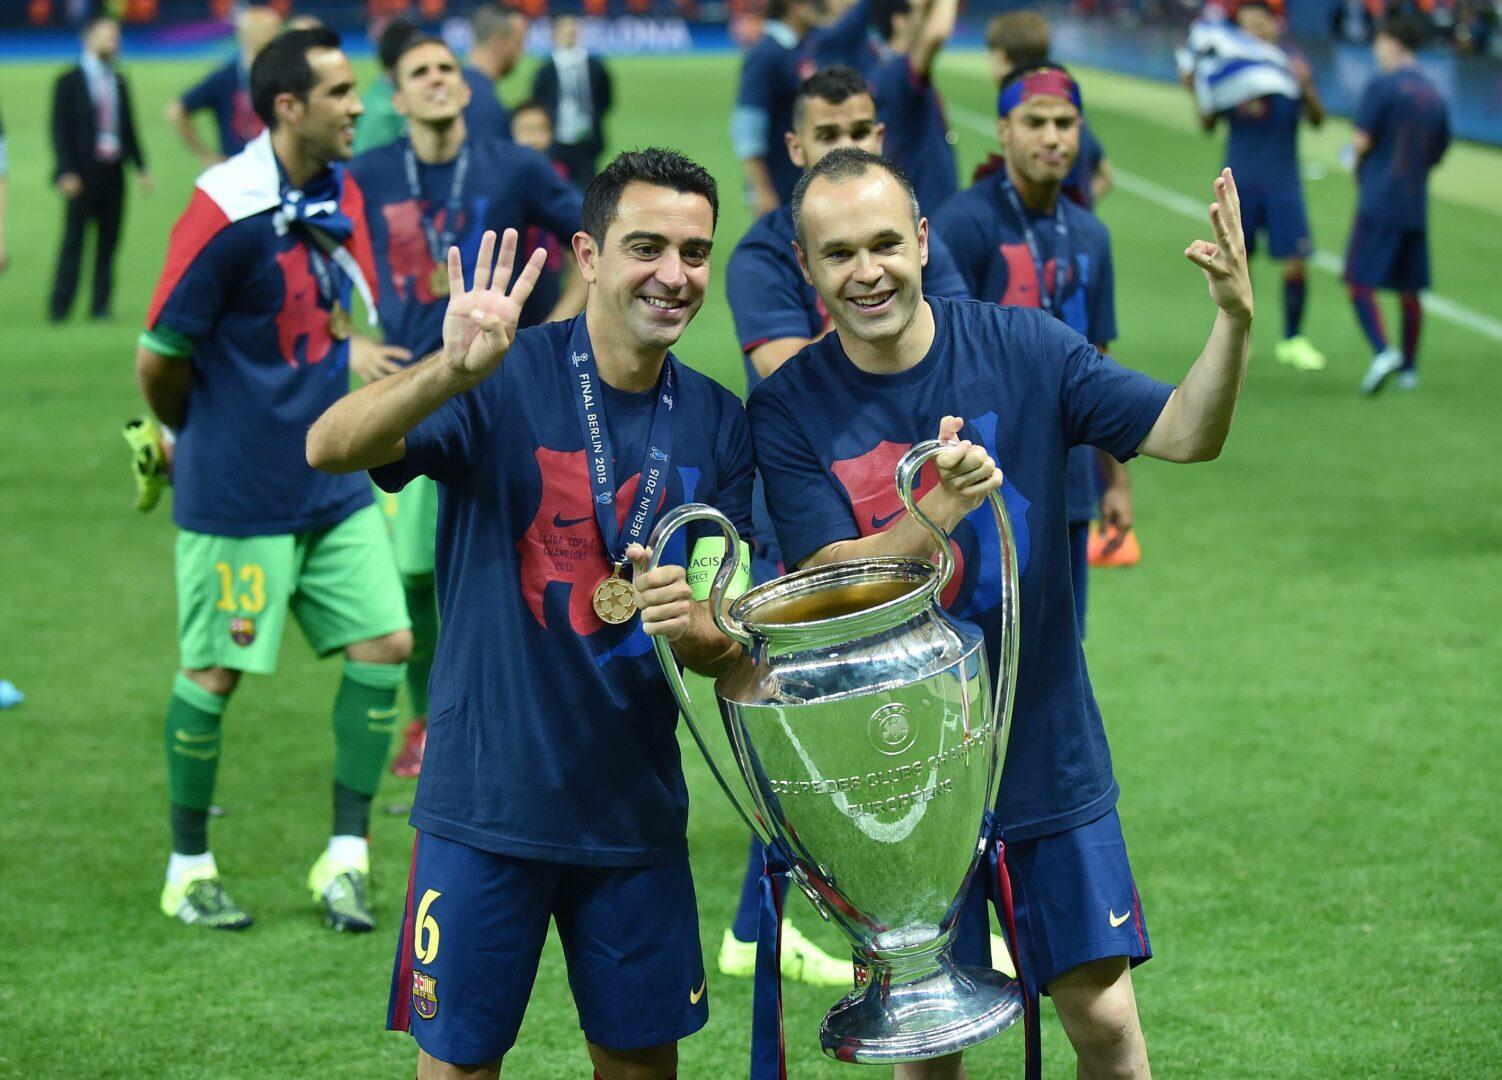 Andres Iniesta und Xavi halten gemeinsam die Trophäe und bejubeln den Gewinn der Champions League 2015